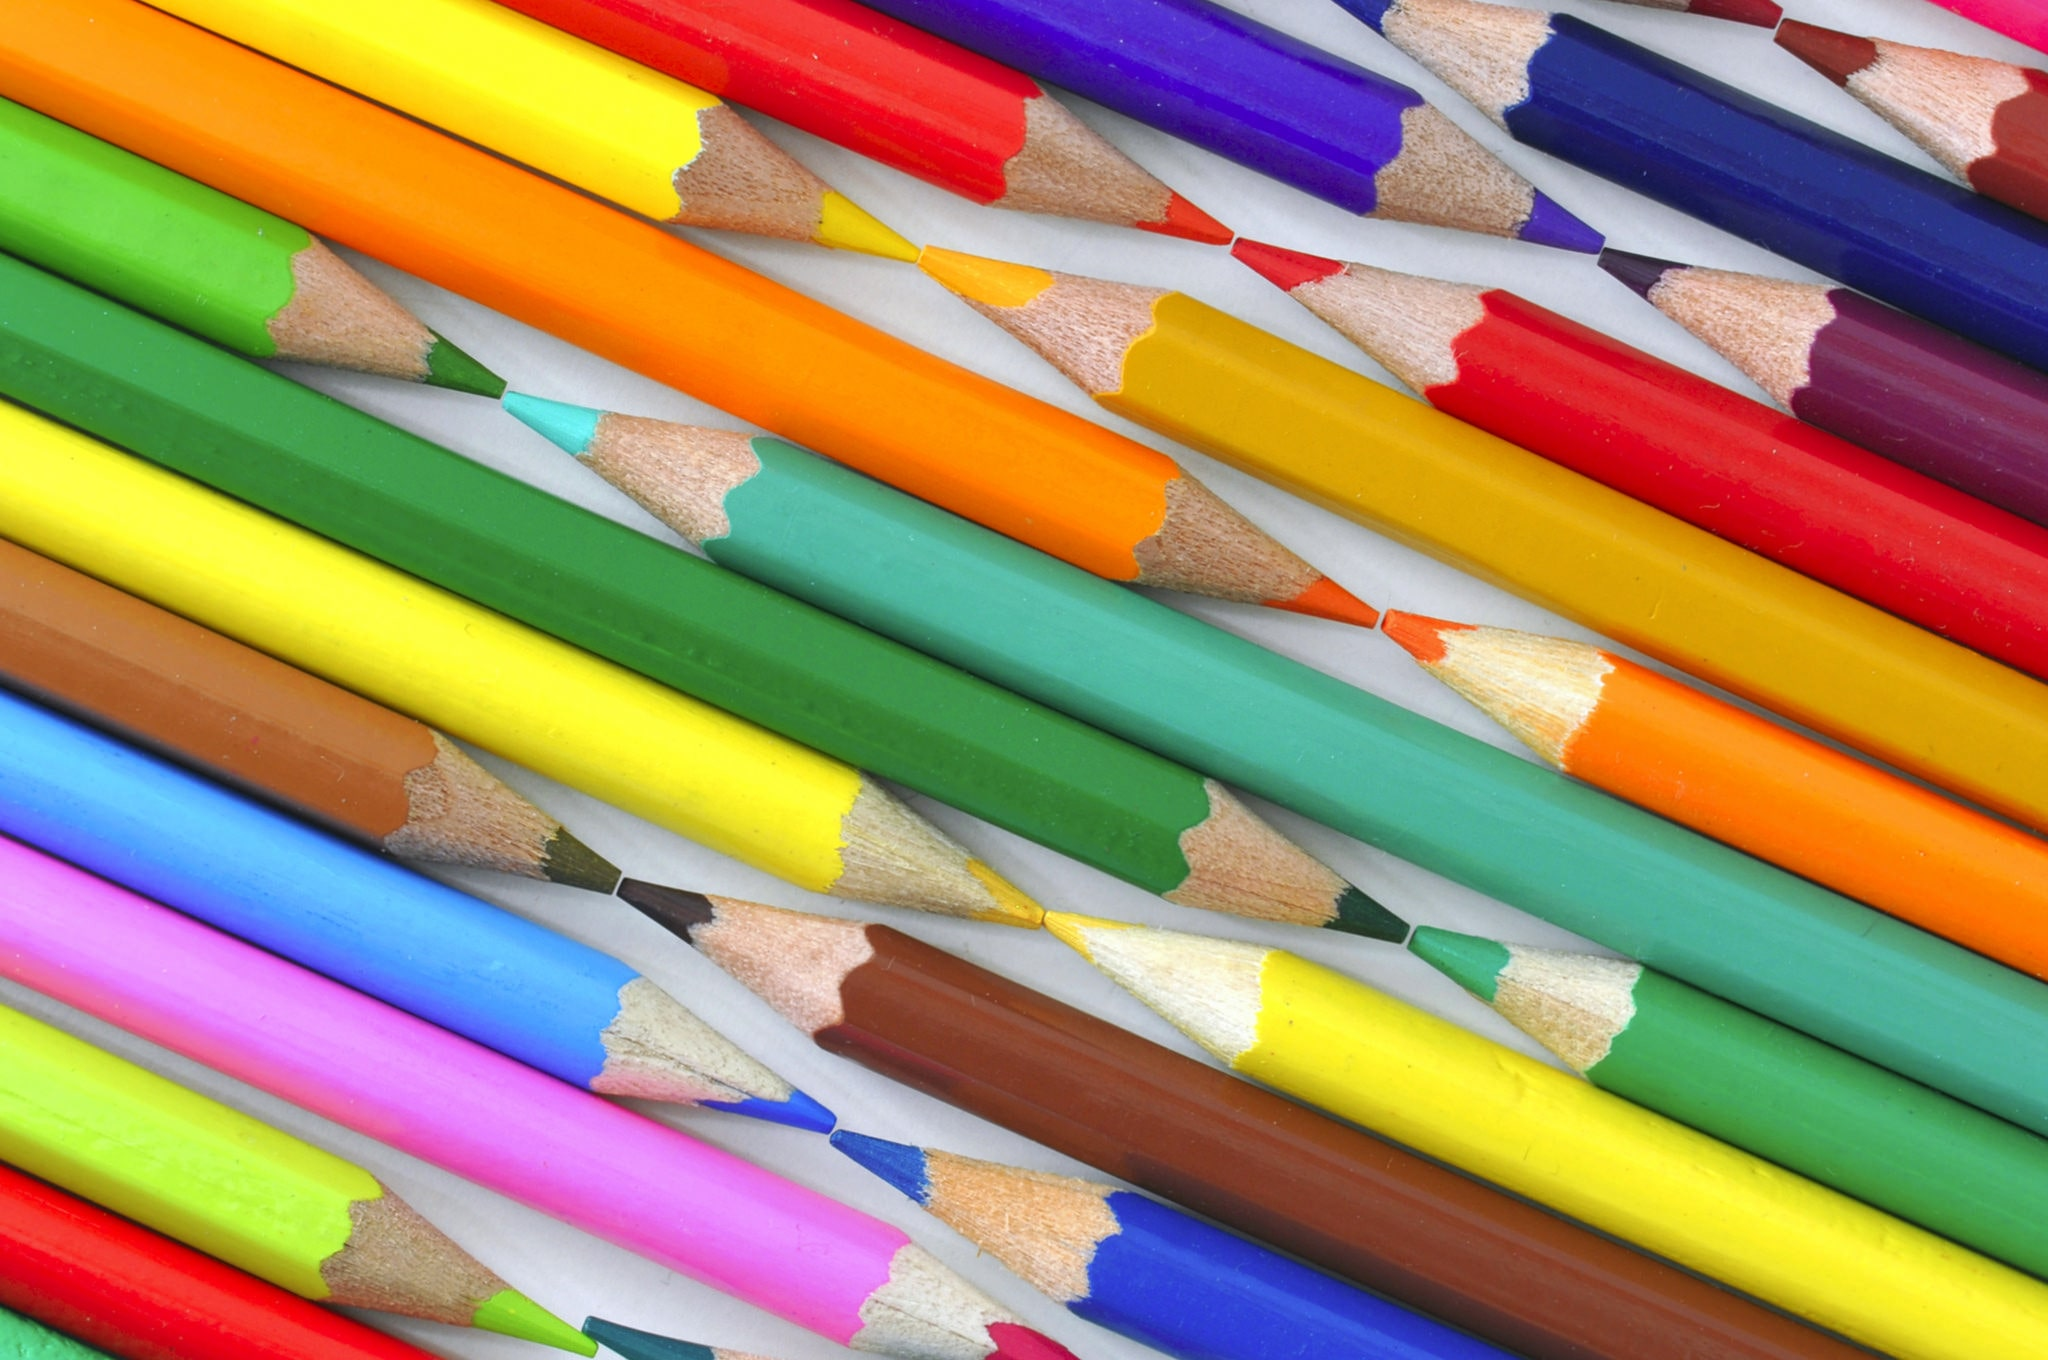 скачать раскраски А4 для детей и распечатать бесплатно